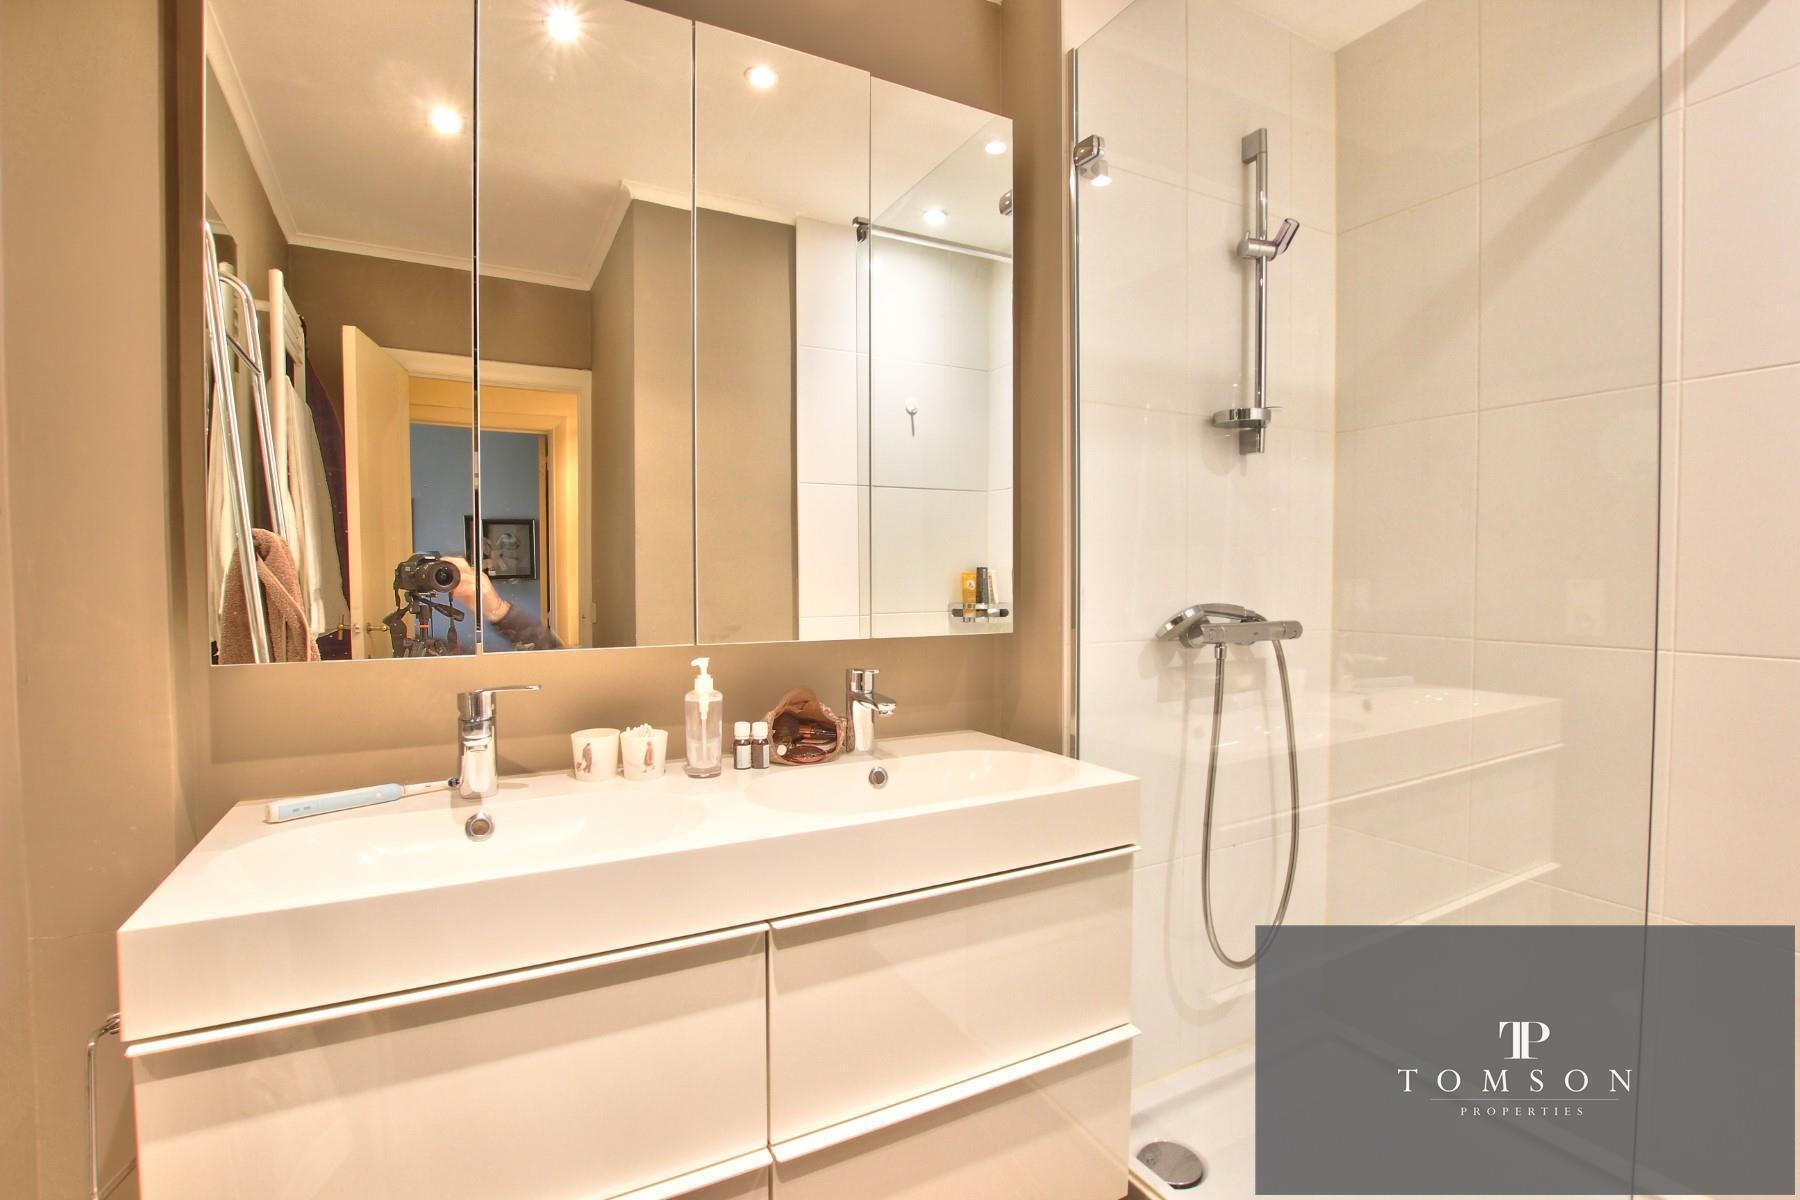 Appartement exceptionnel - Ixelles - #4098210-10